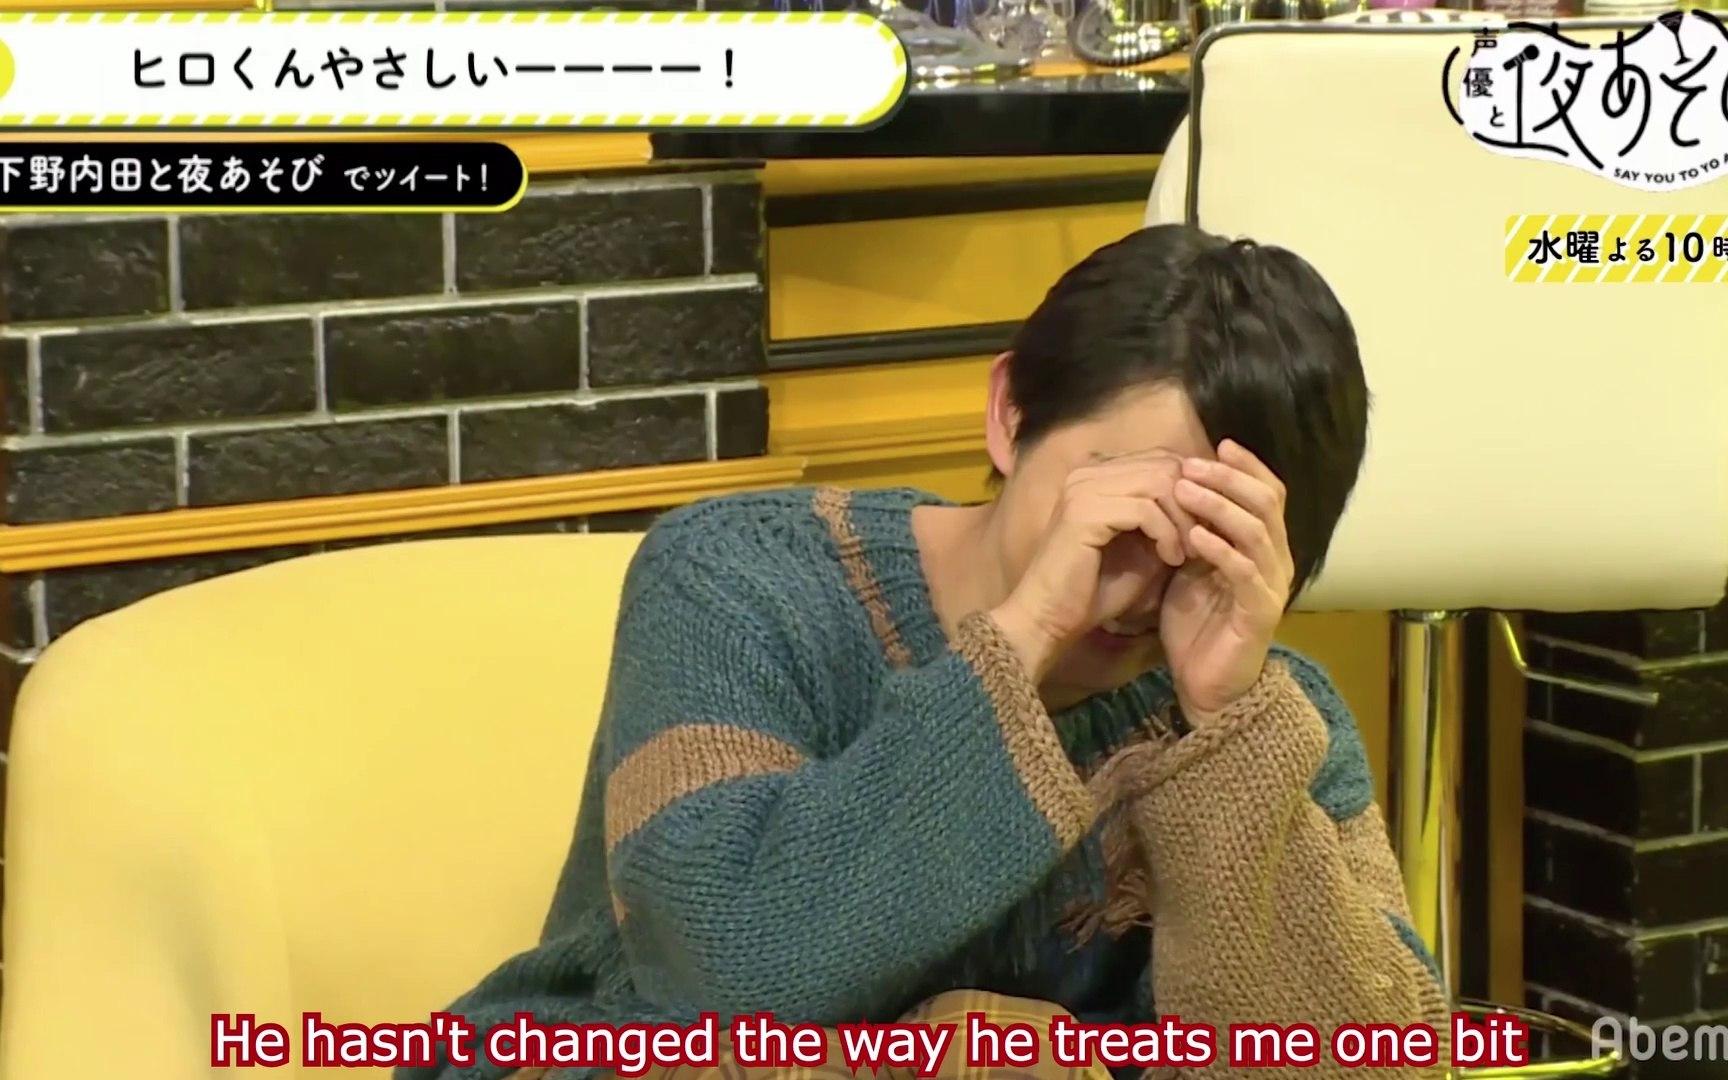 Shimono Hiro is embarrassed by Uchida Maaya's compliments